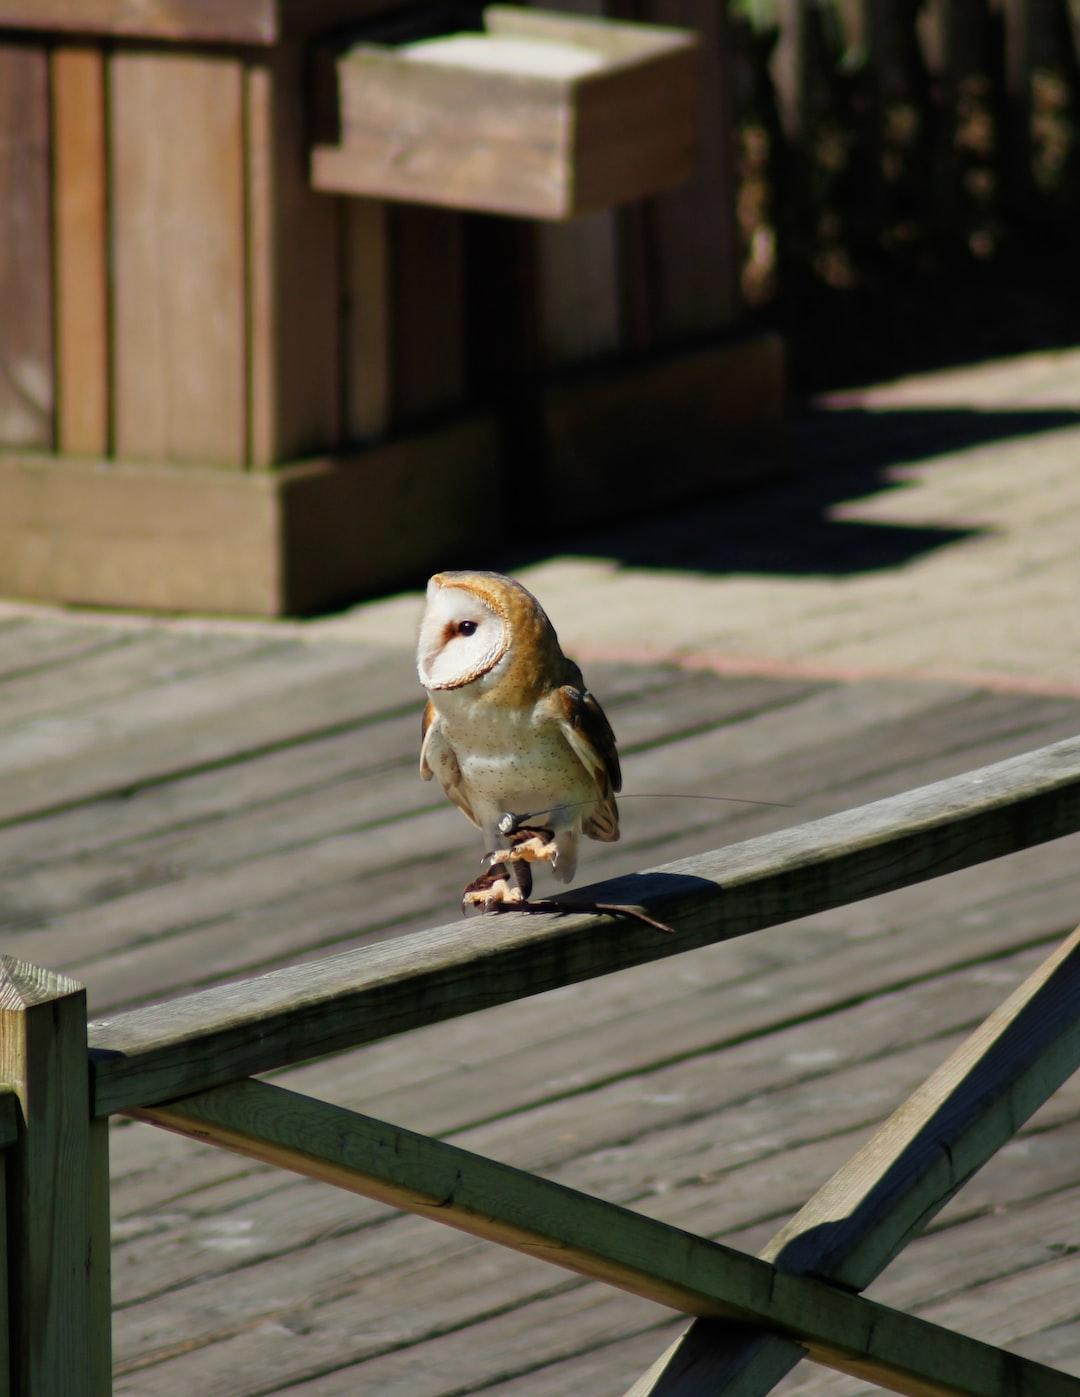 A Little Barn Owl